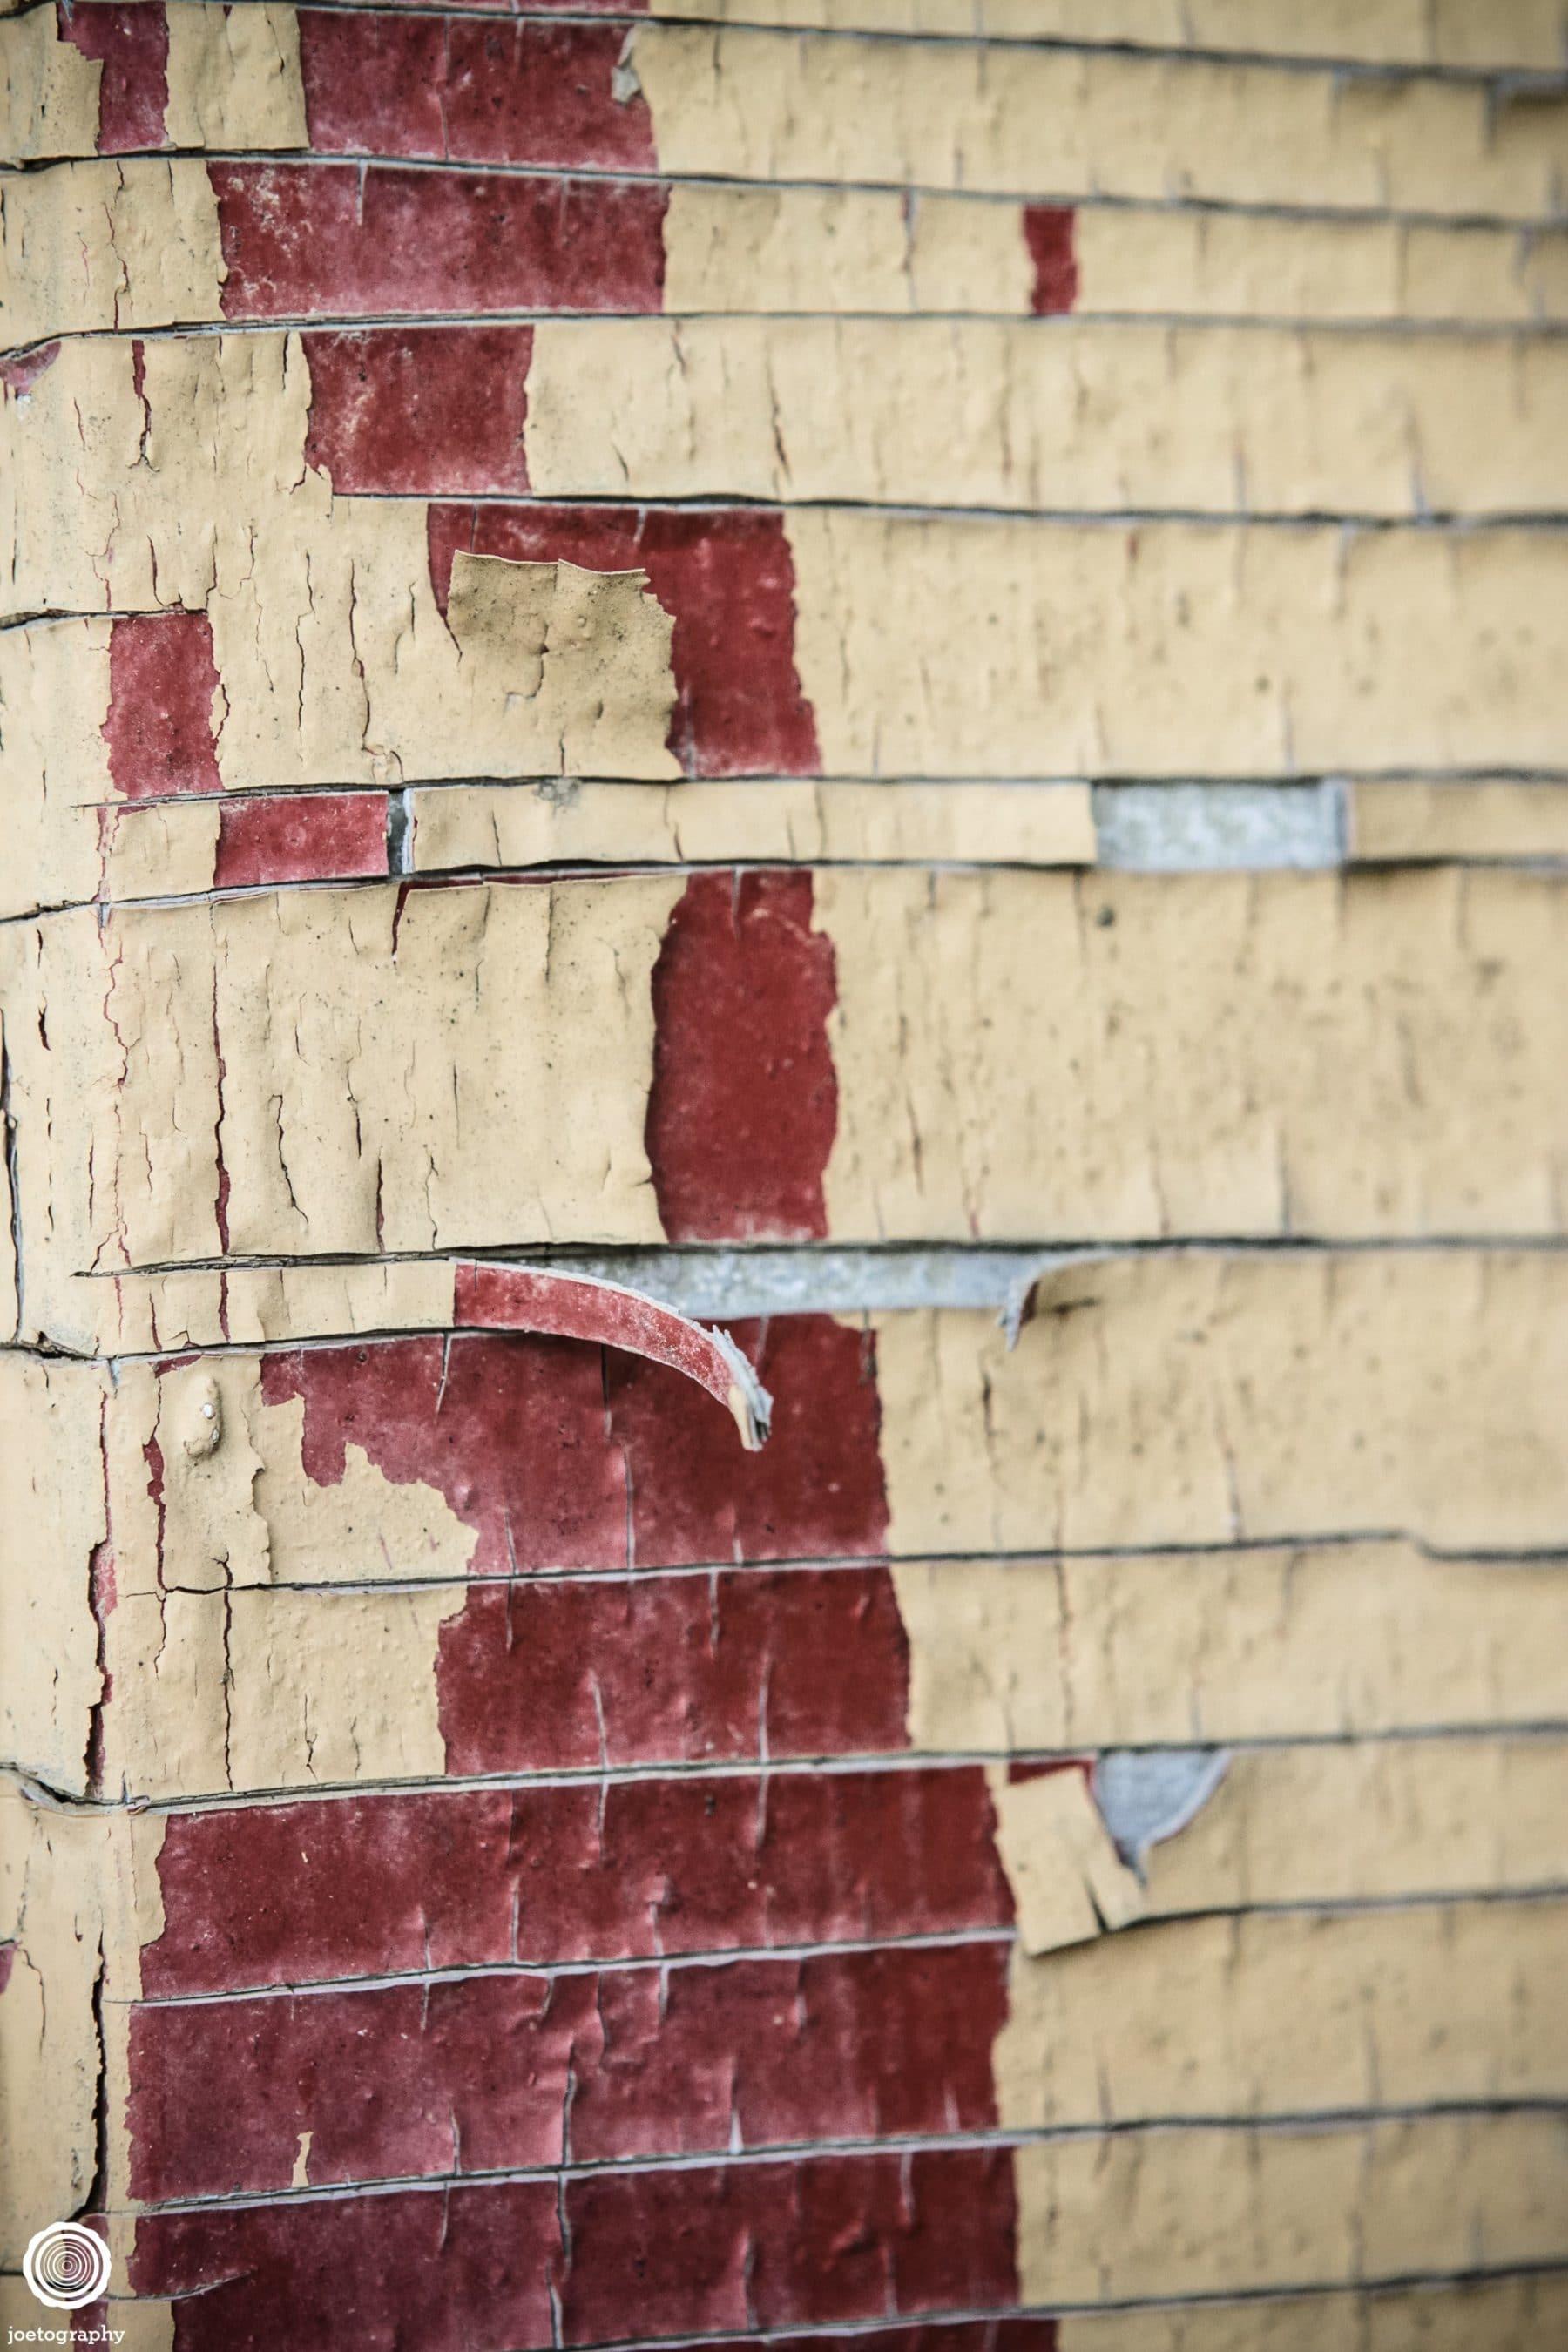 Rivoli-Theatre-Architecture-Photography-Indianapolis-16